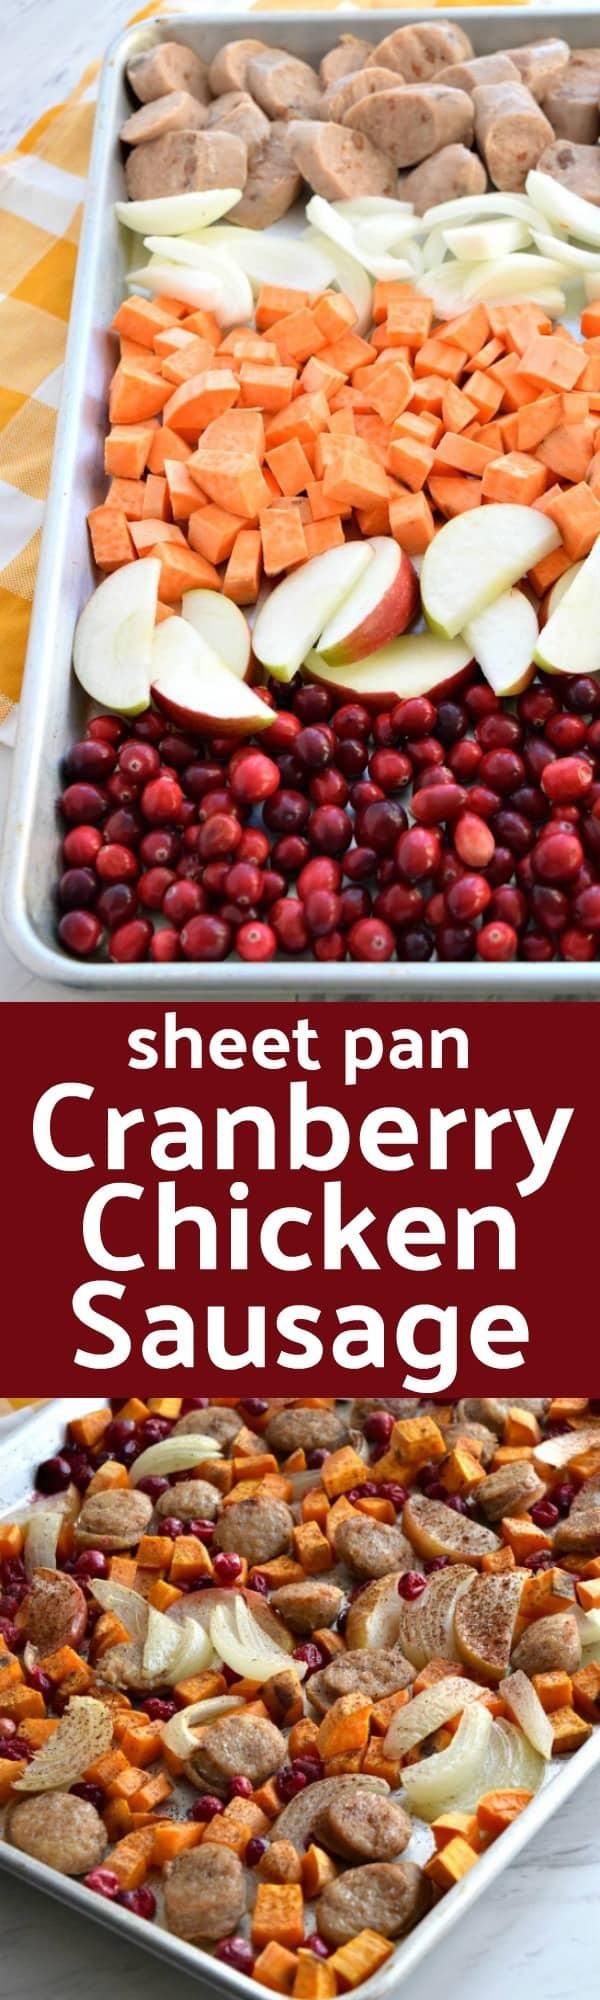 Sheet Pan Cranberry Chicken Sausage